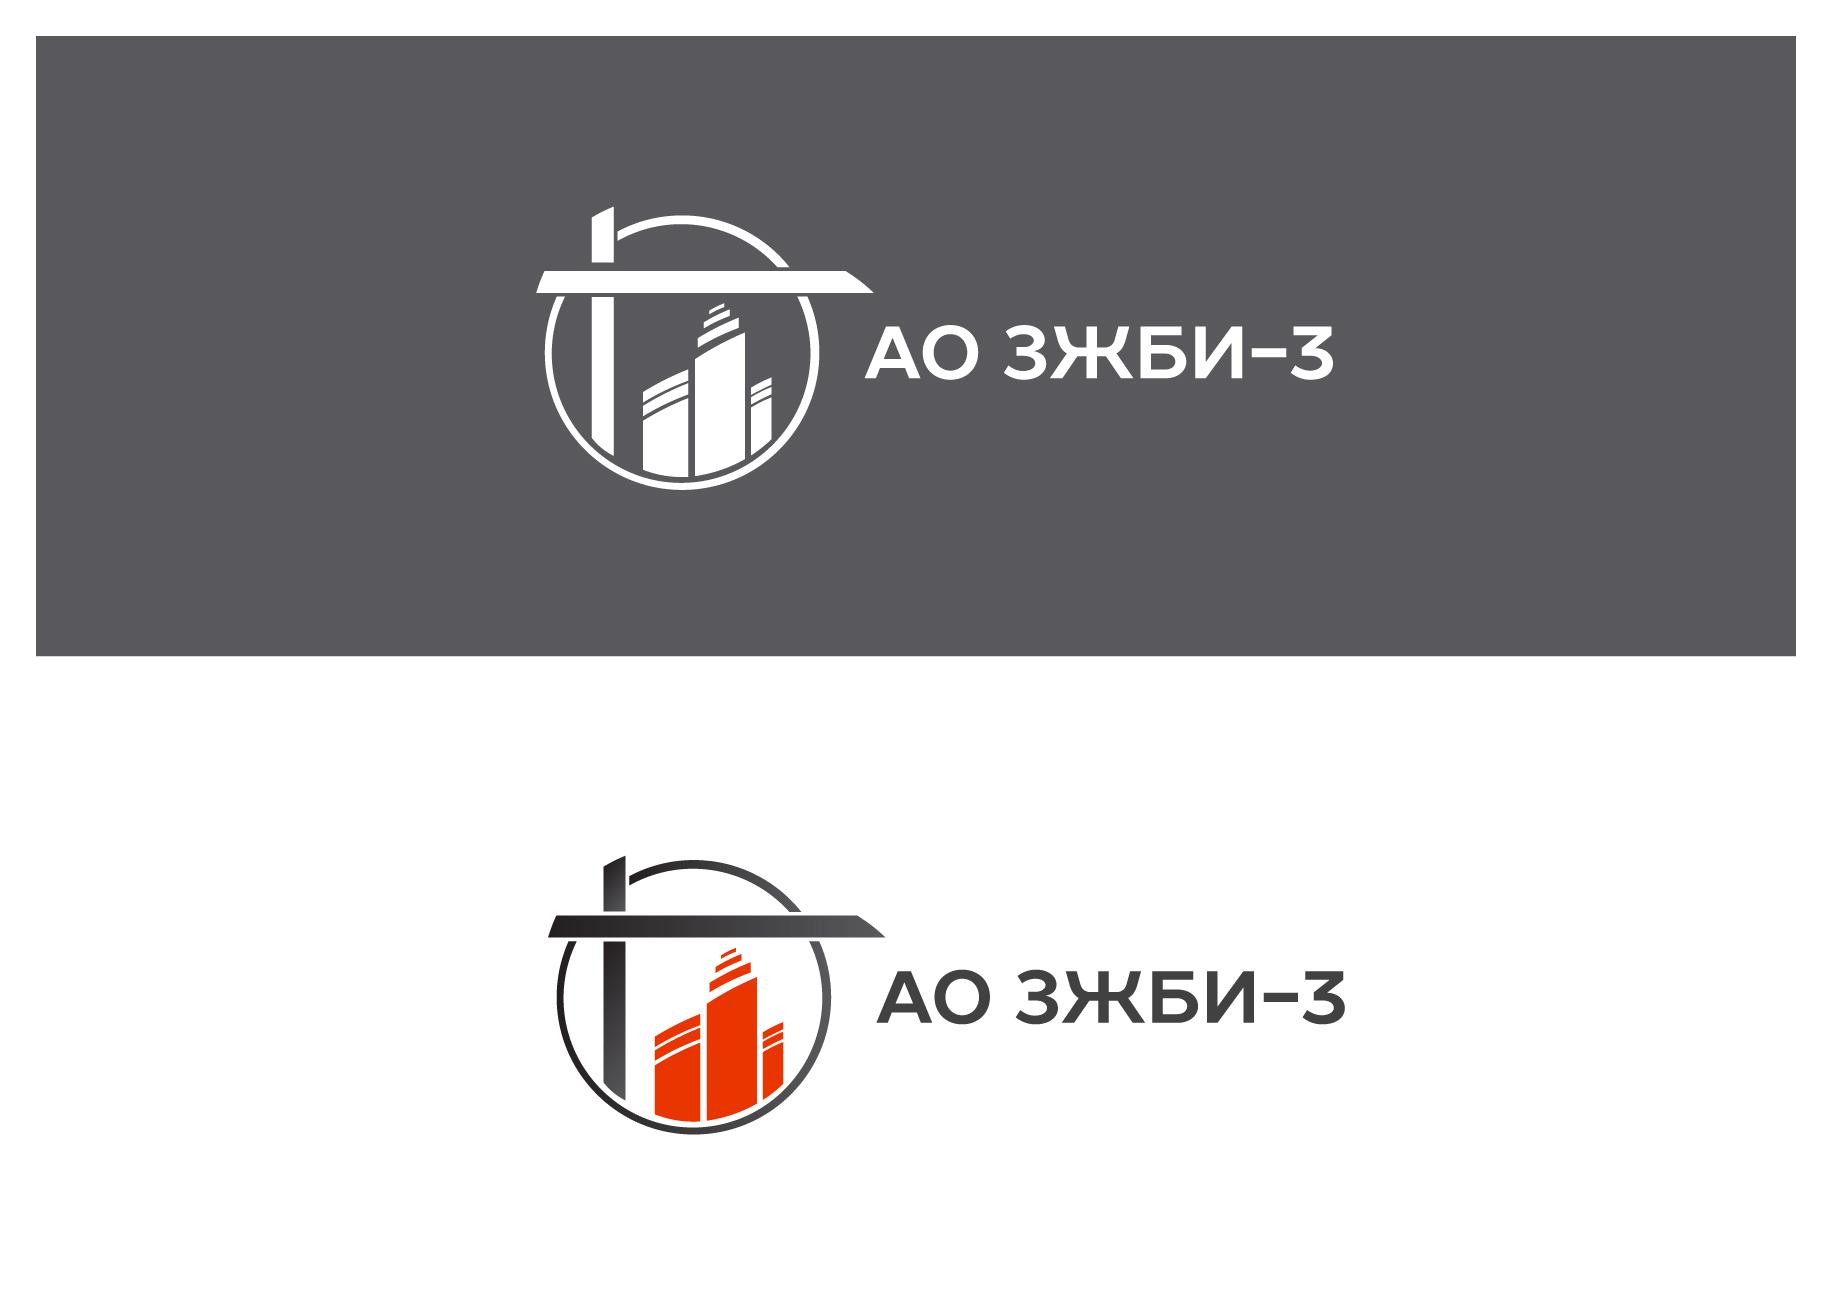 Разработка логотипа и фирменный стиль фото f_744597237e079425.jpg